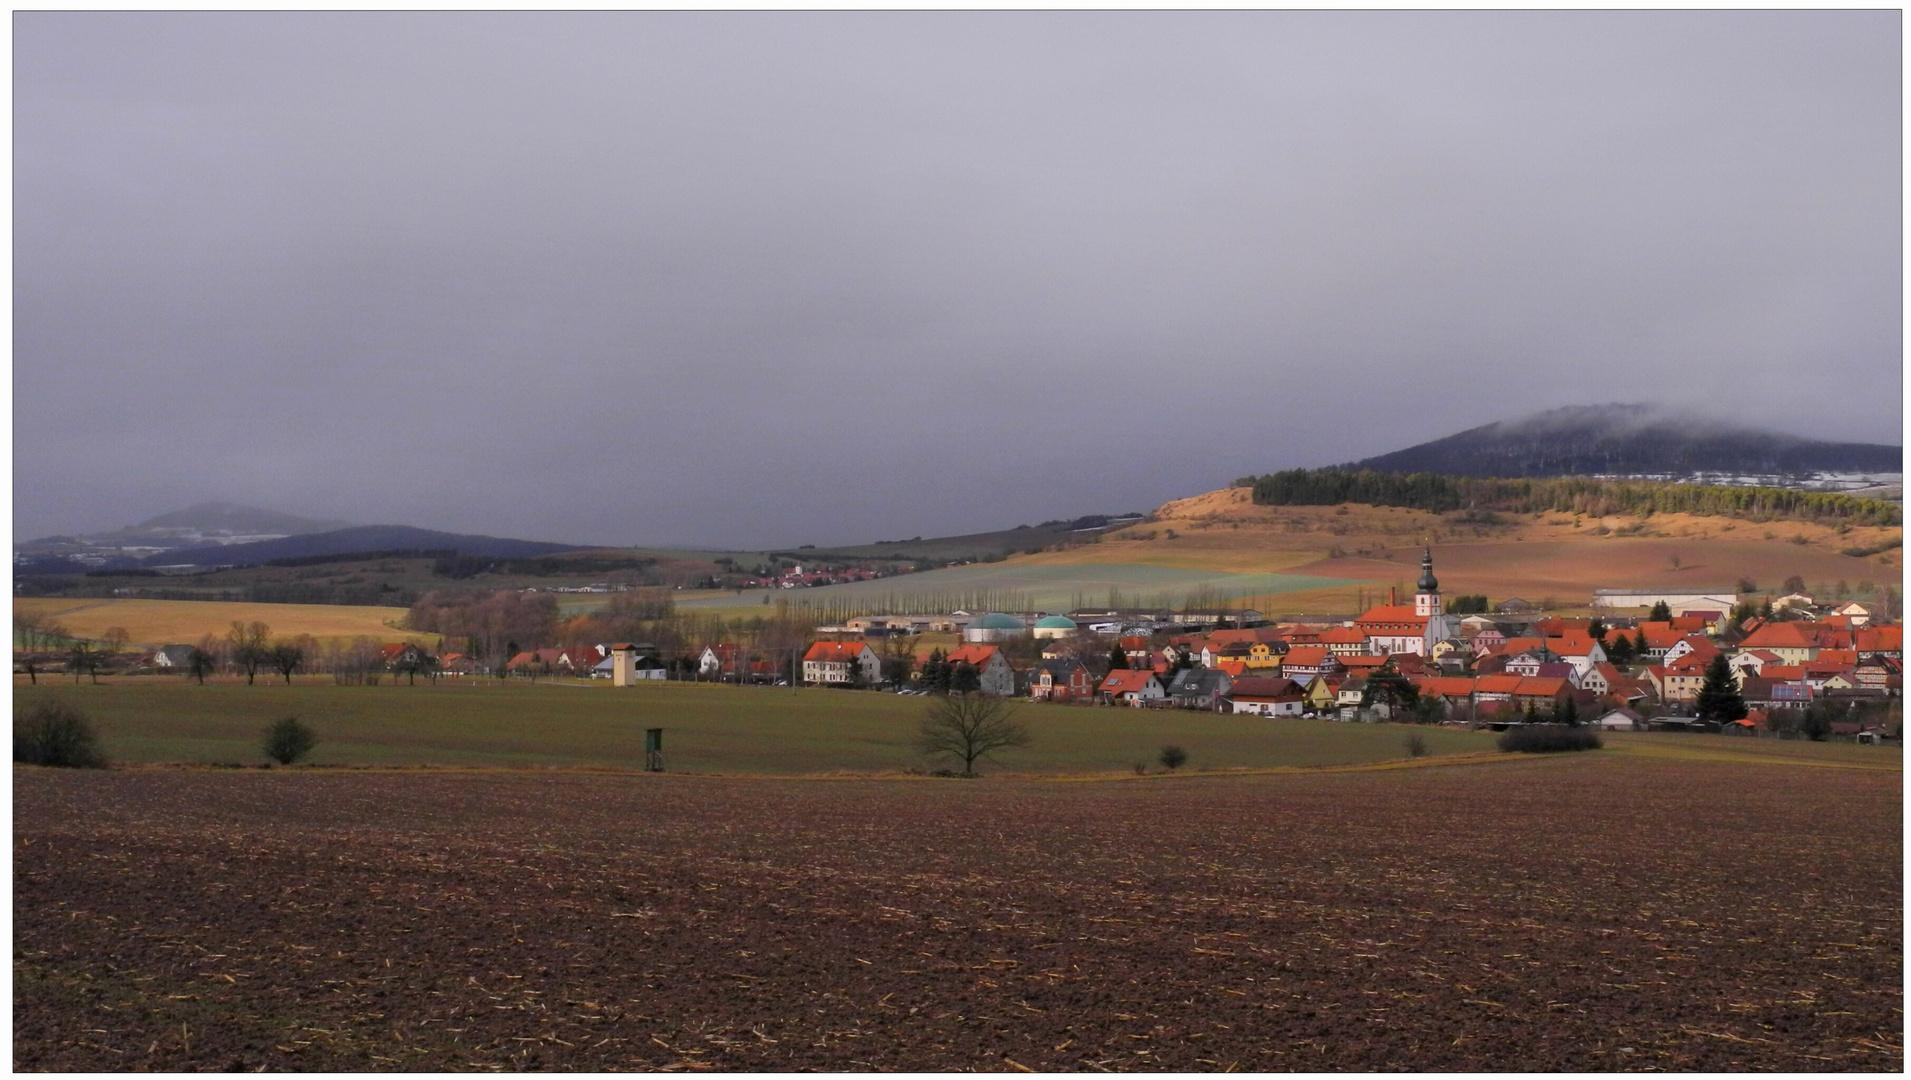 panorama con vista a mi pueblo (Landschaft mit Blick auf mein Dorf)